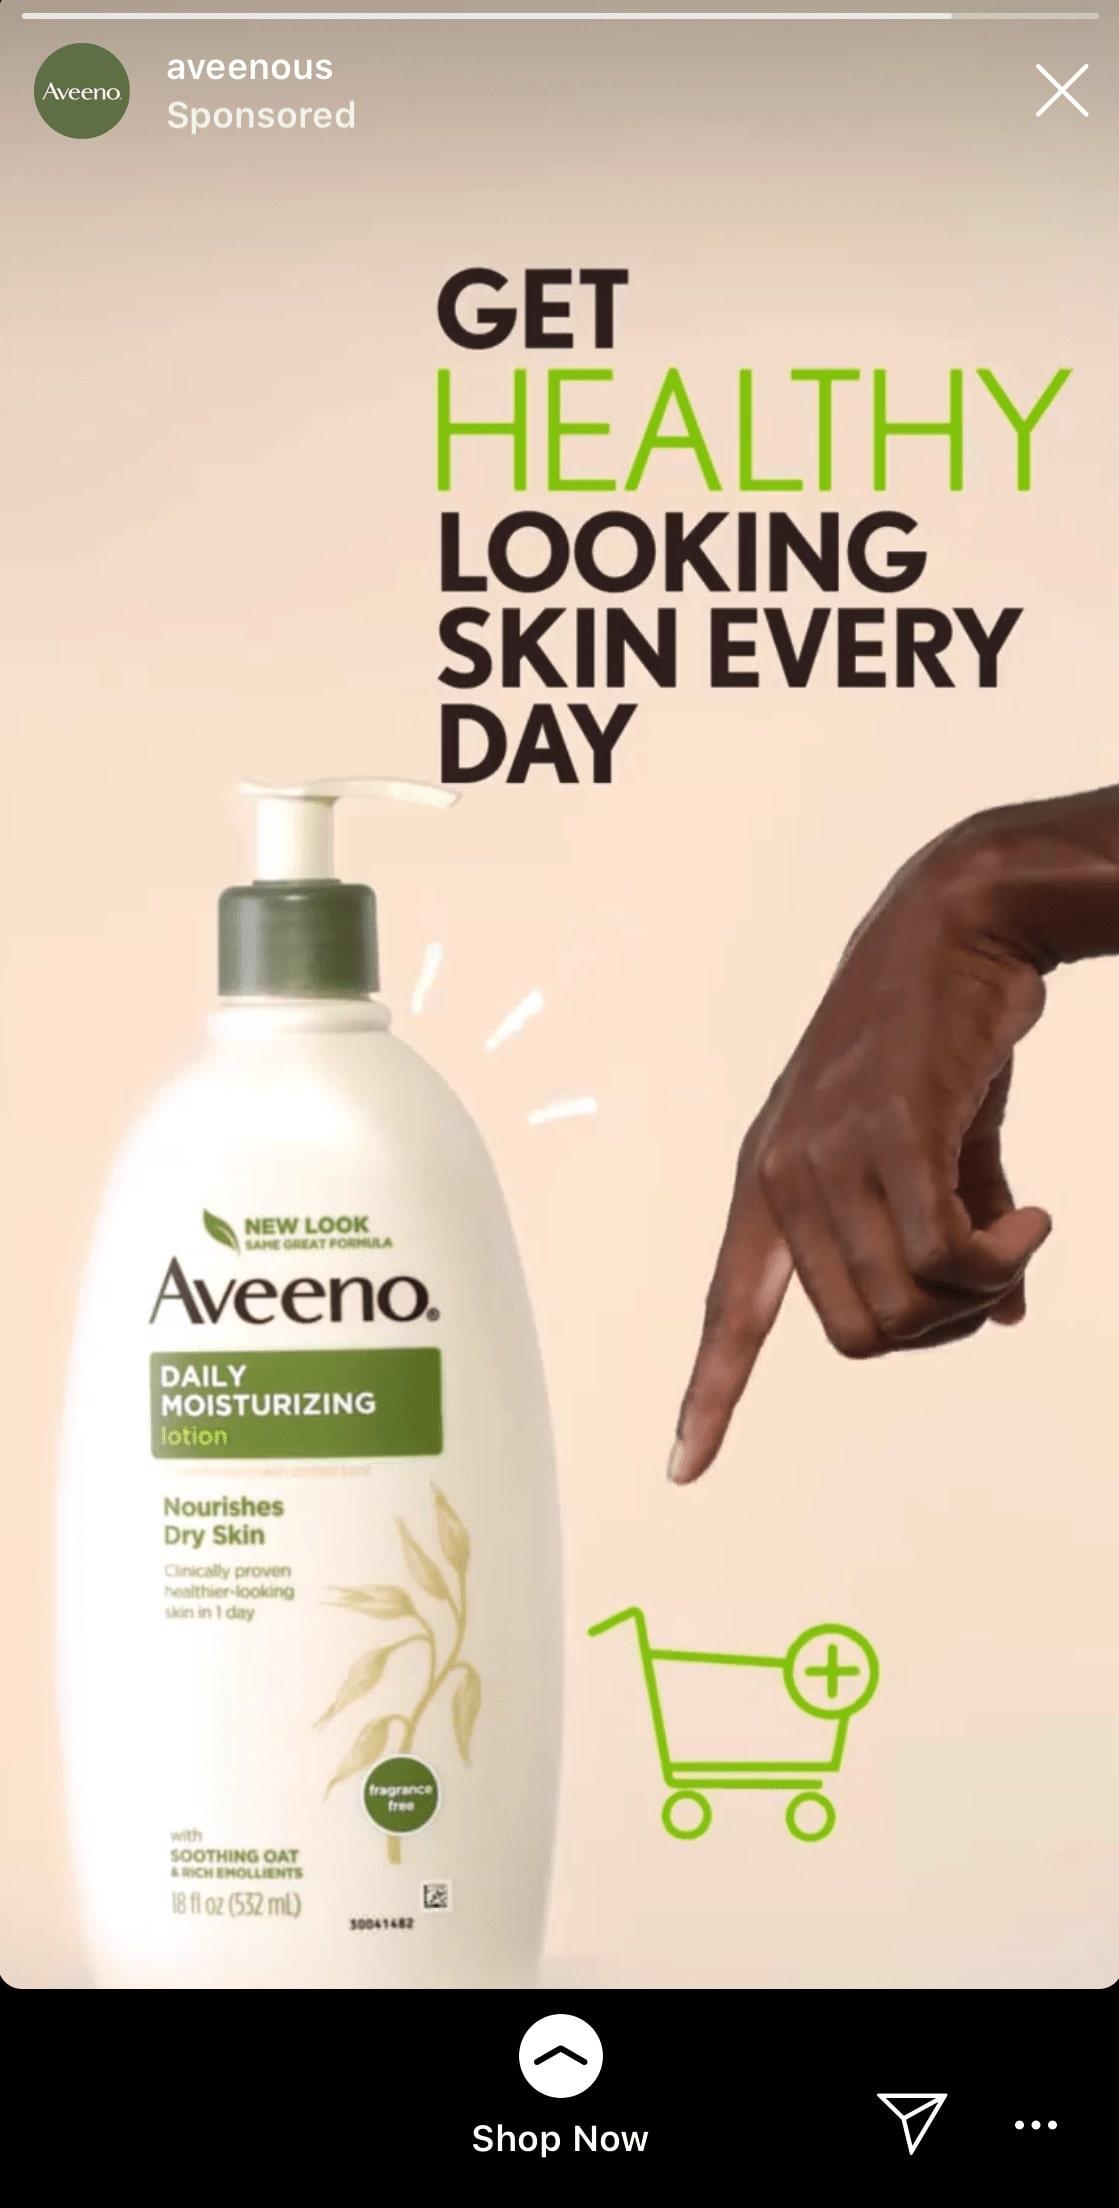 Aveeno Instagram Story ad example